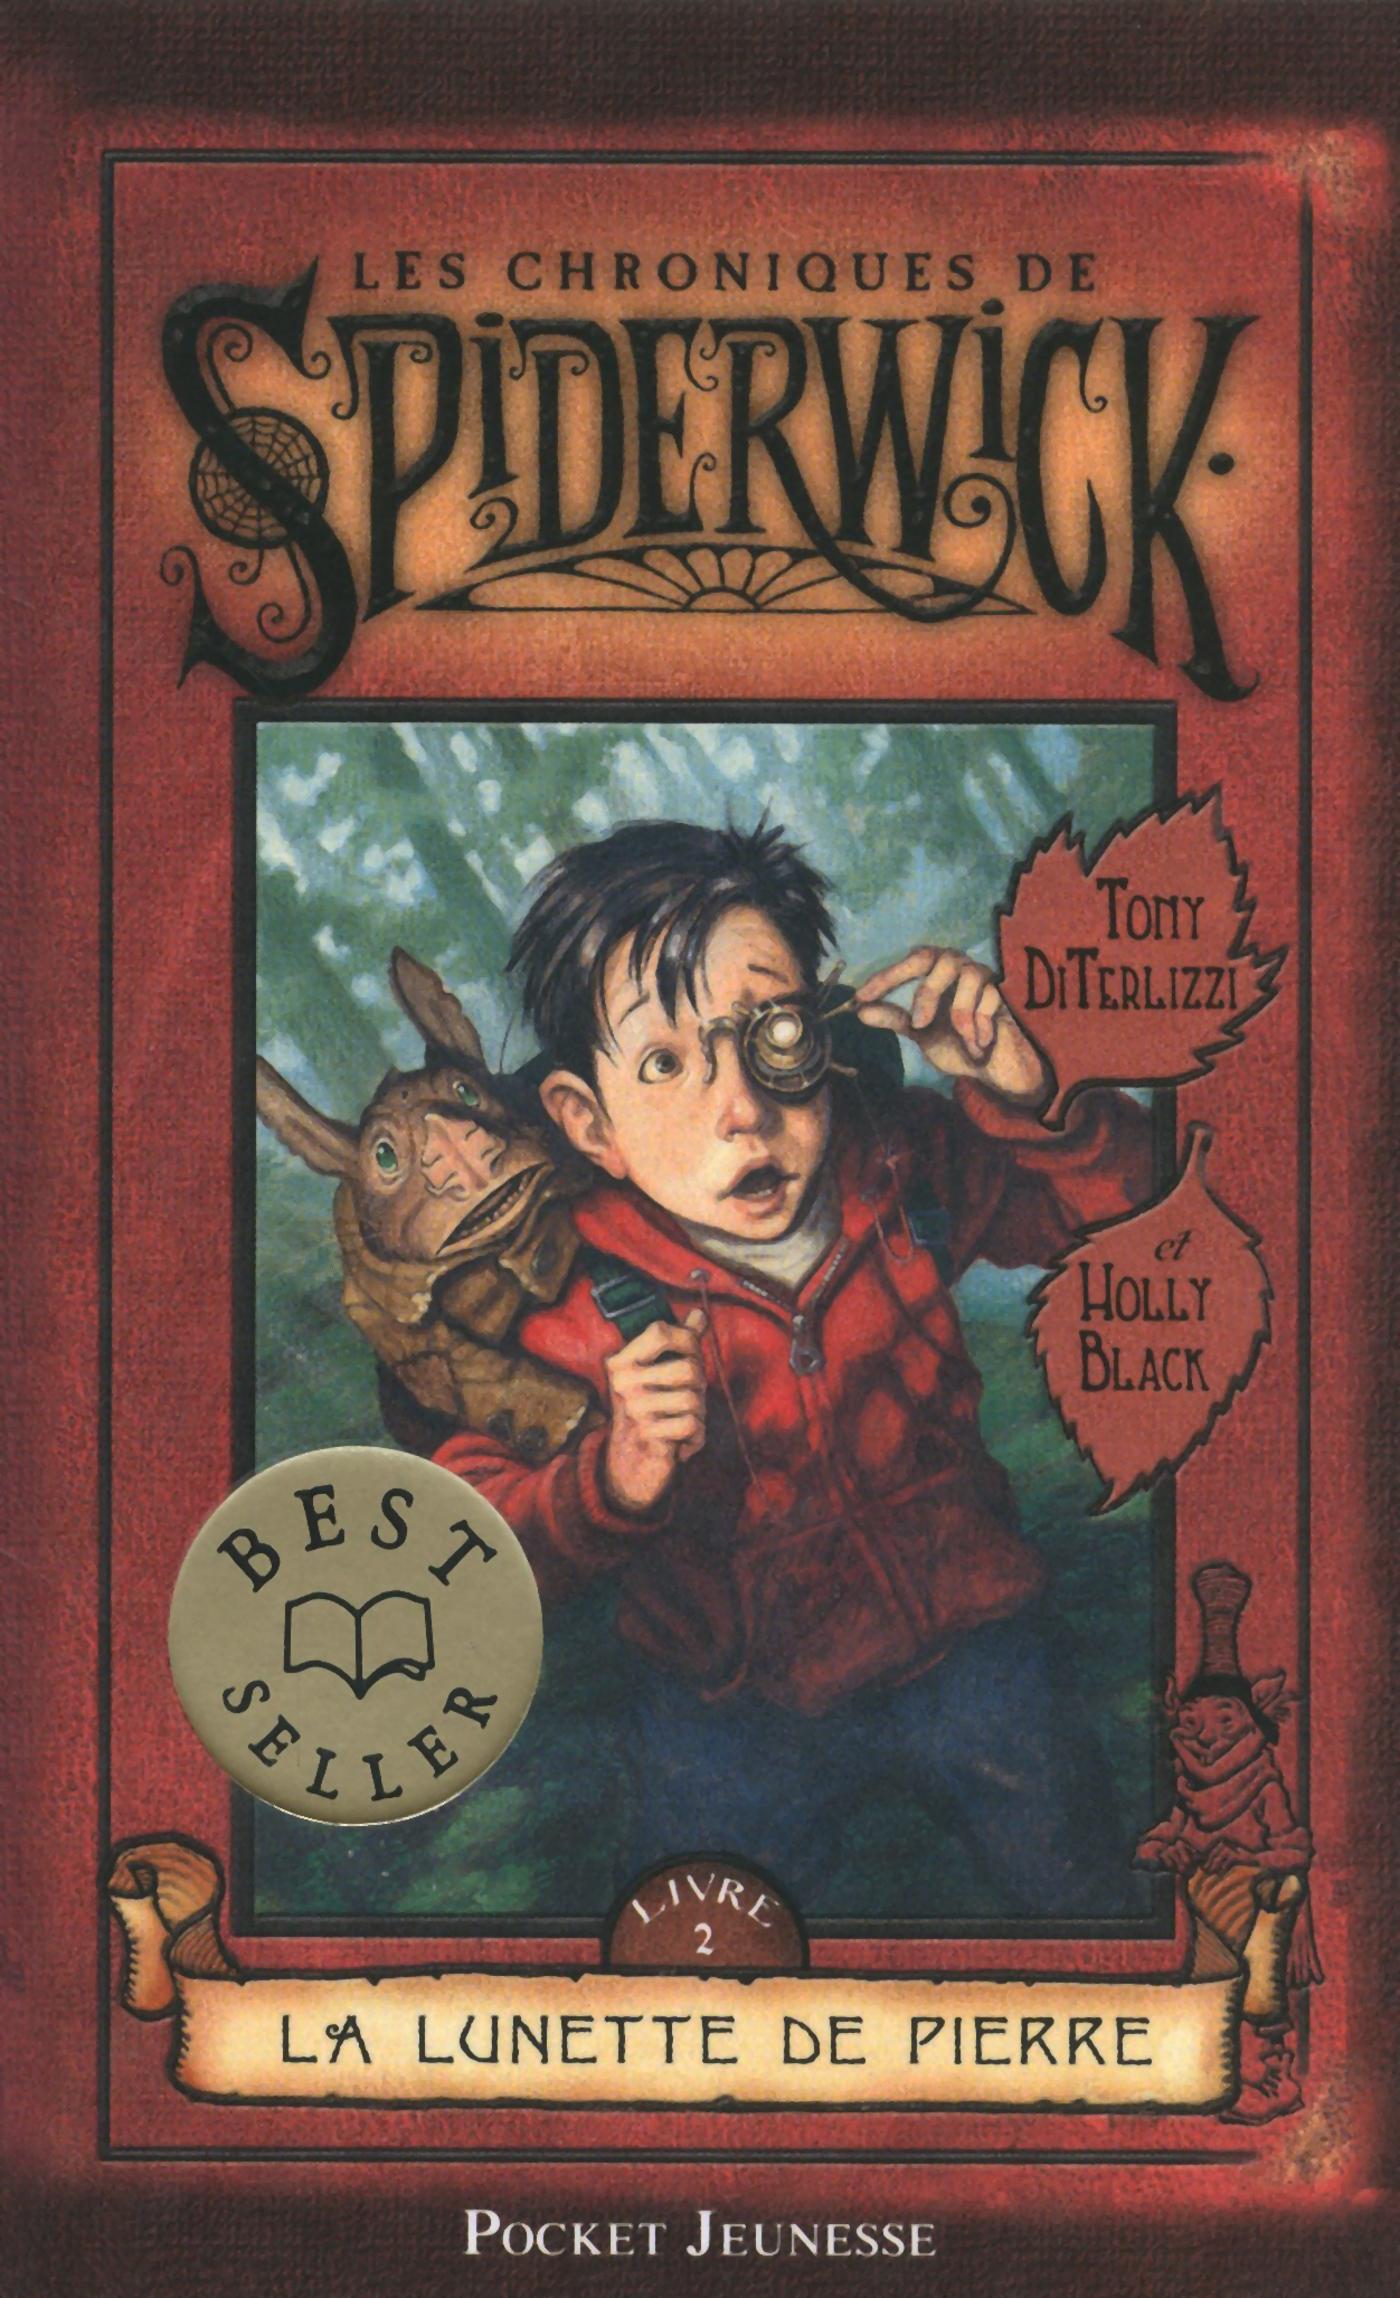 Les chroniques de Spiderwick tome 2